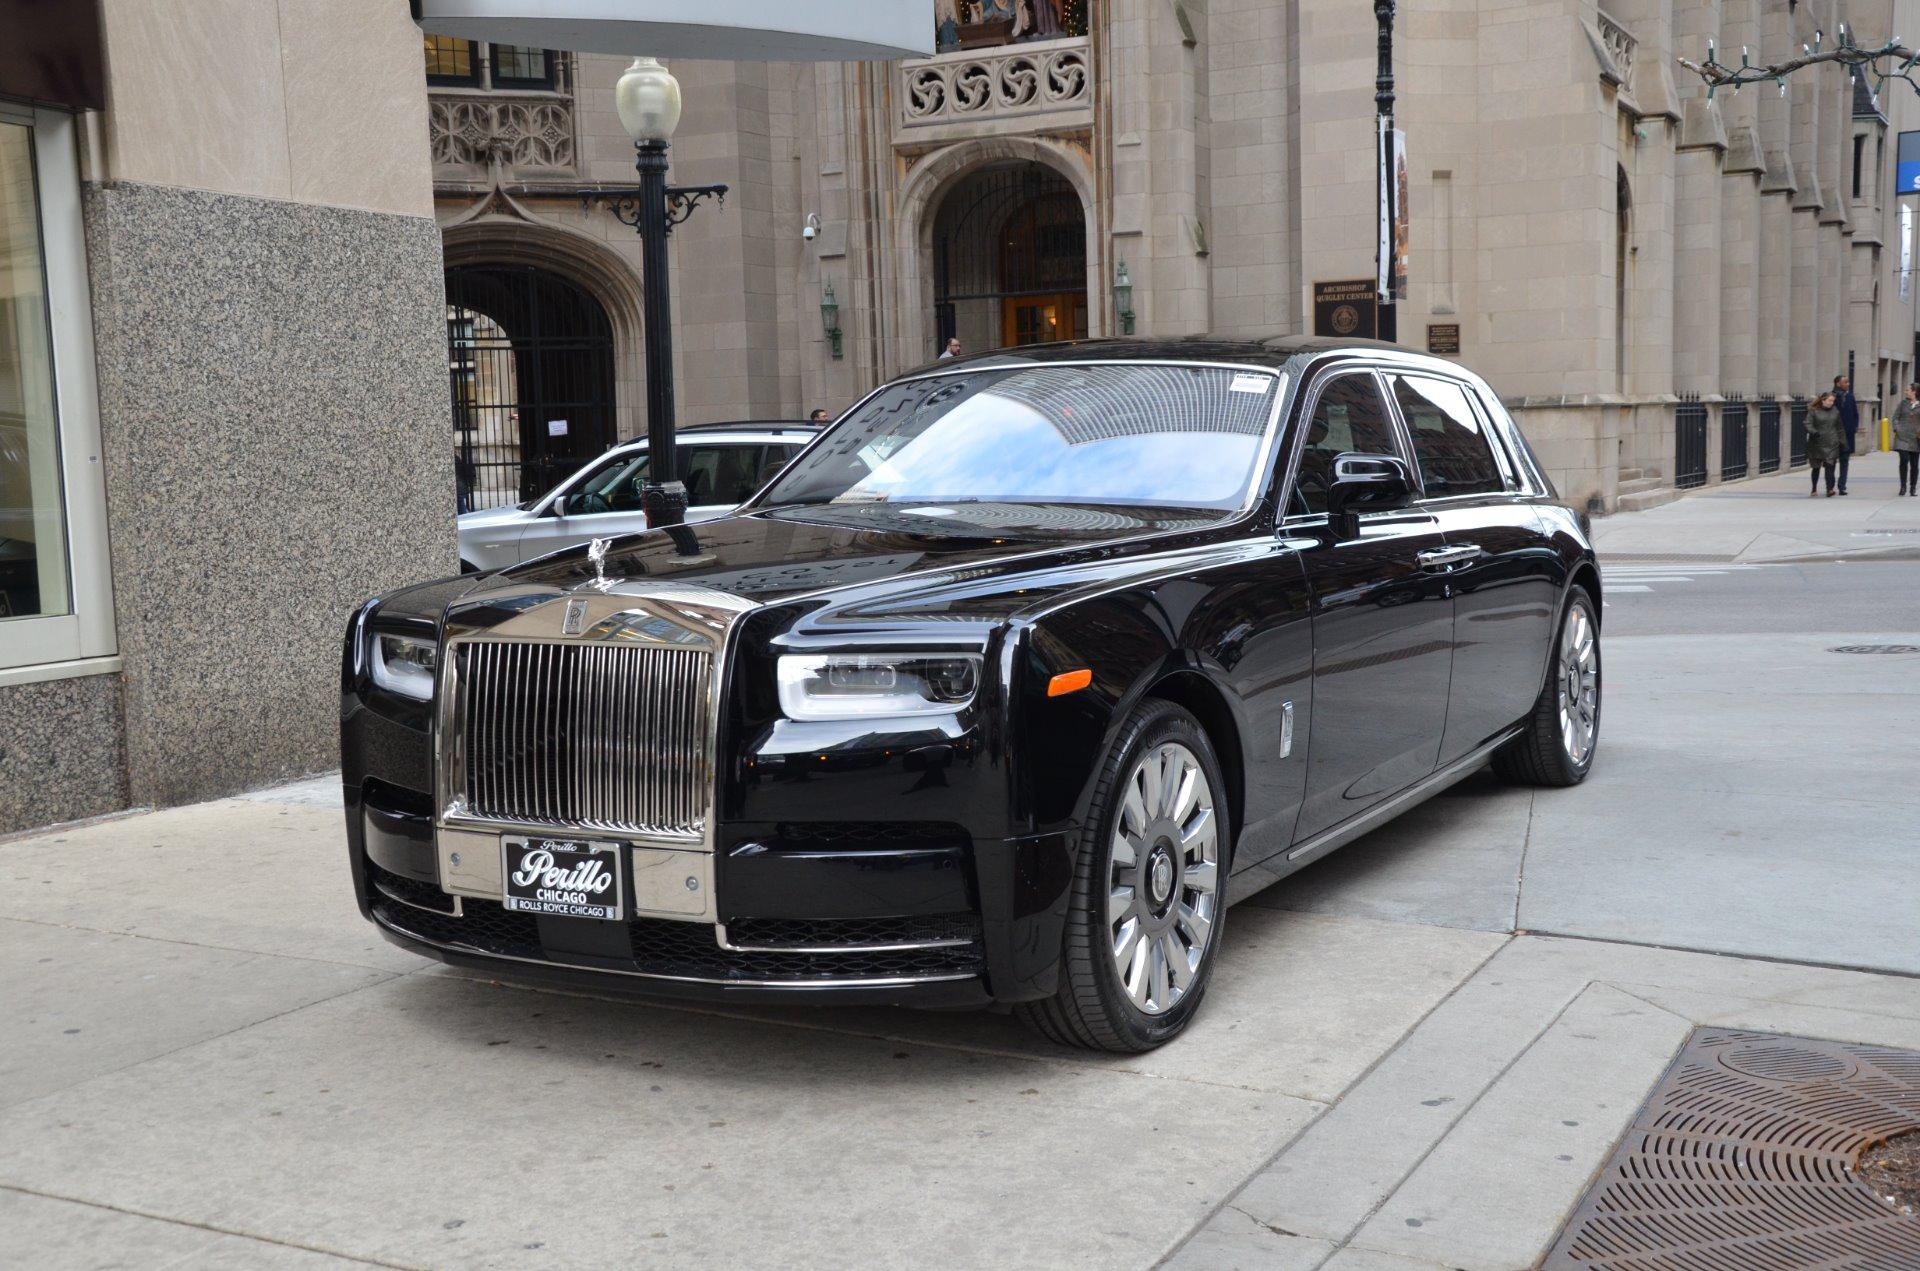 New 2018 Rolls Royce Phantom Extended Wheelbase Taking Orders Now